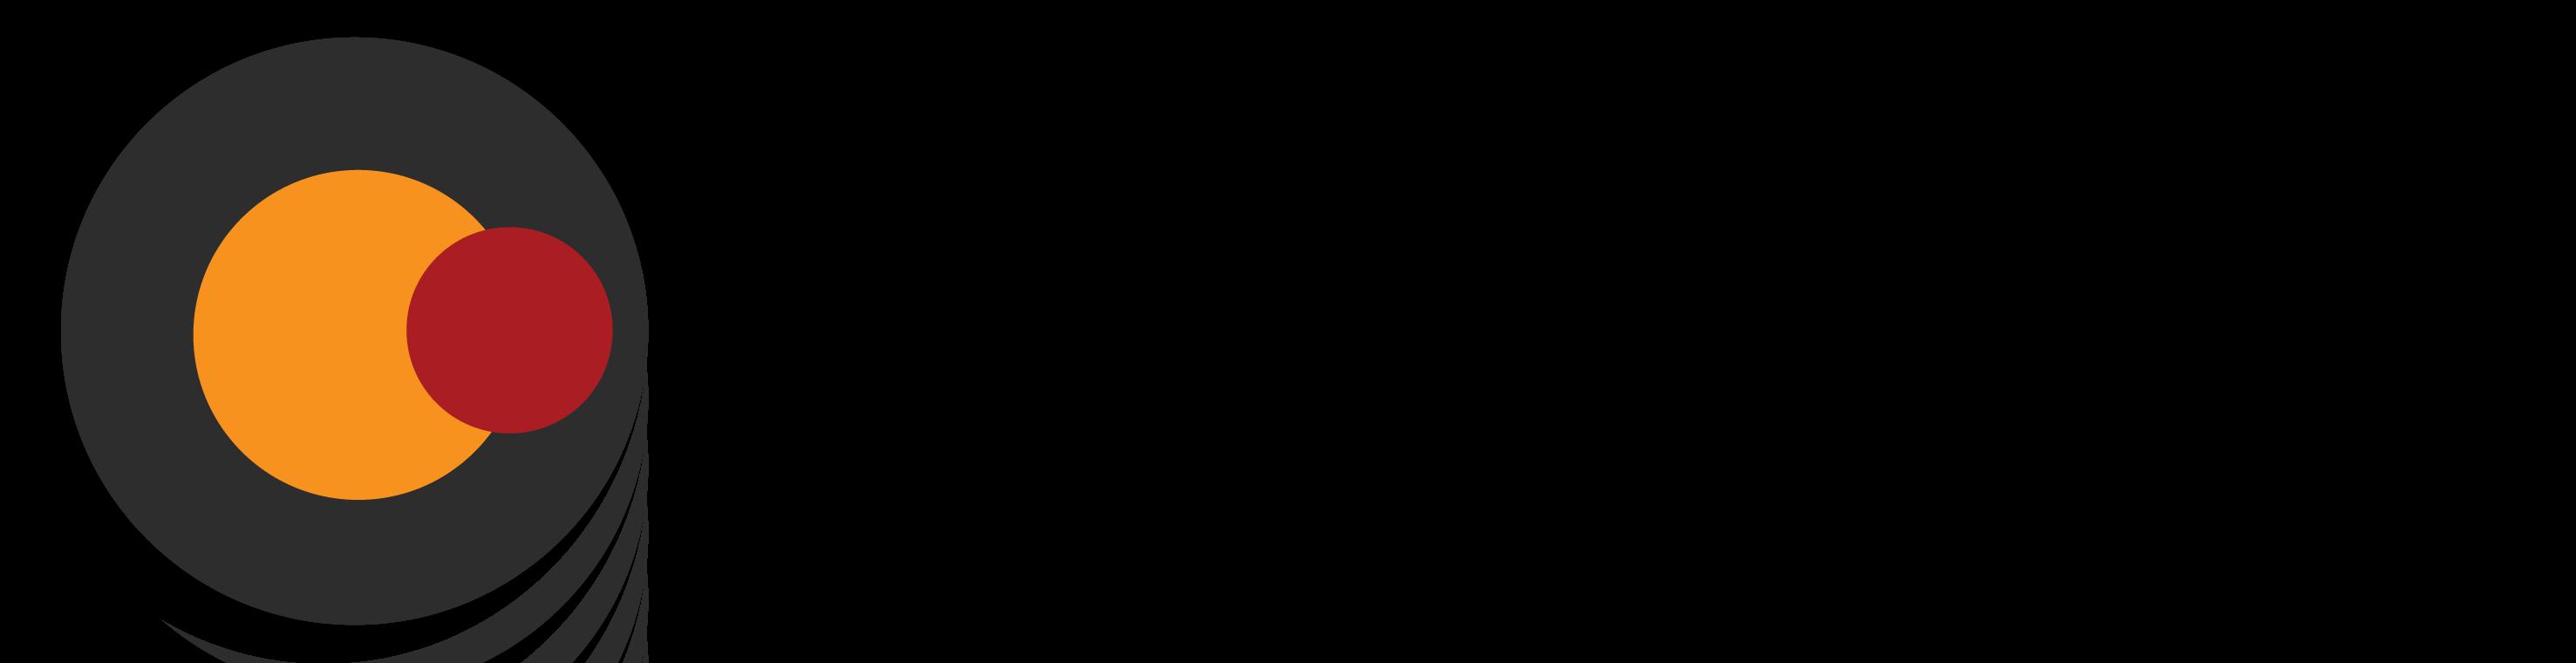 Safeshops_logo